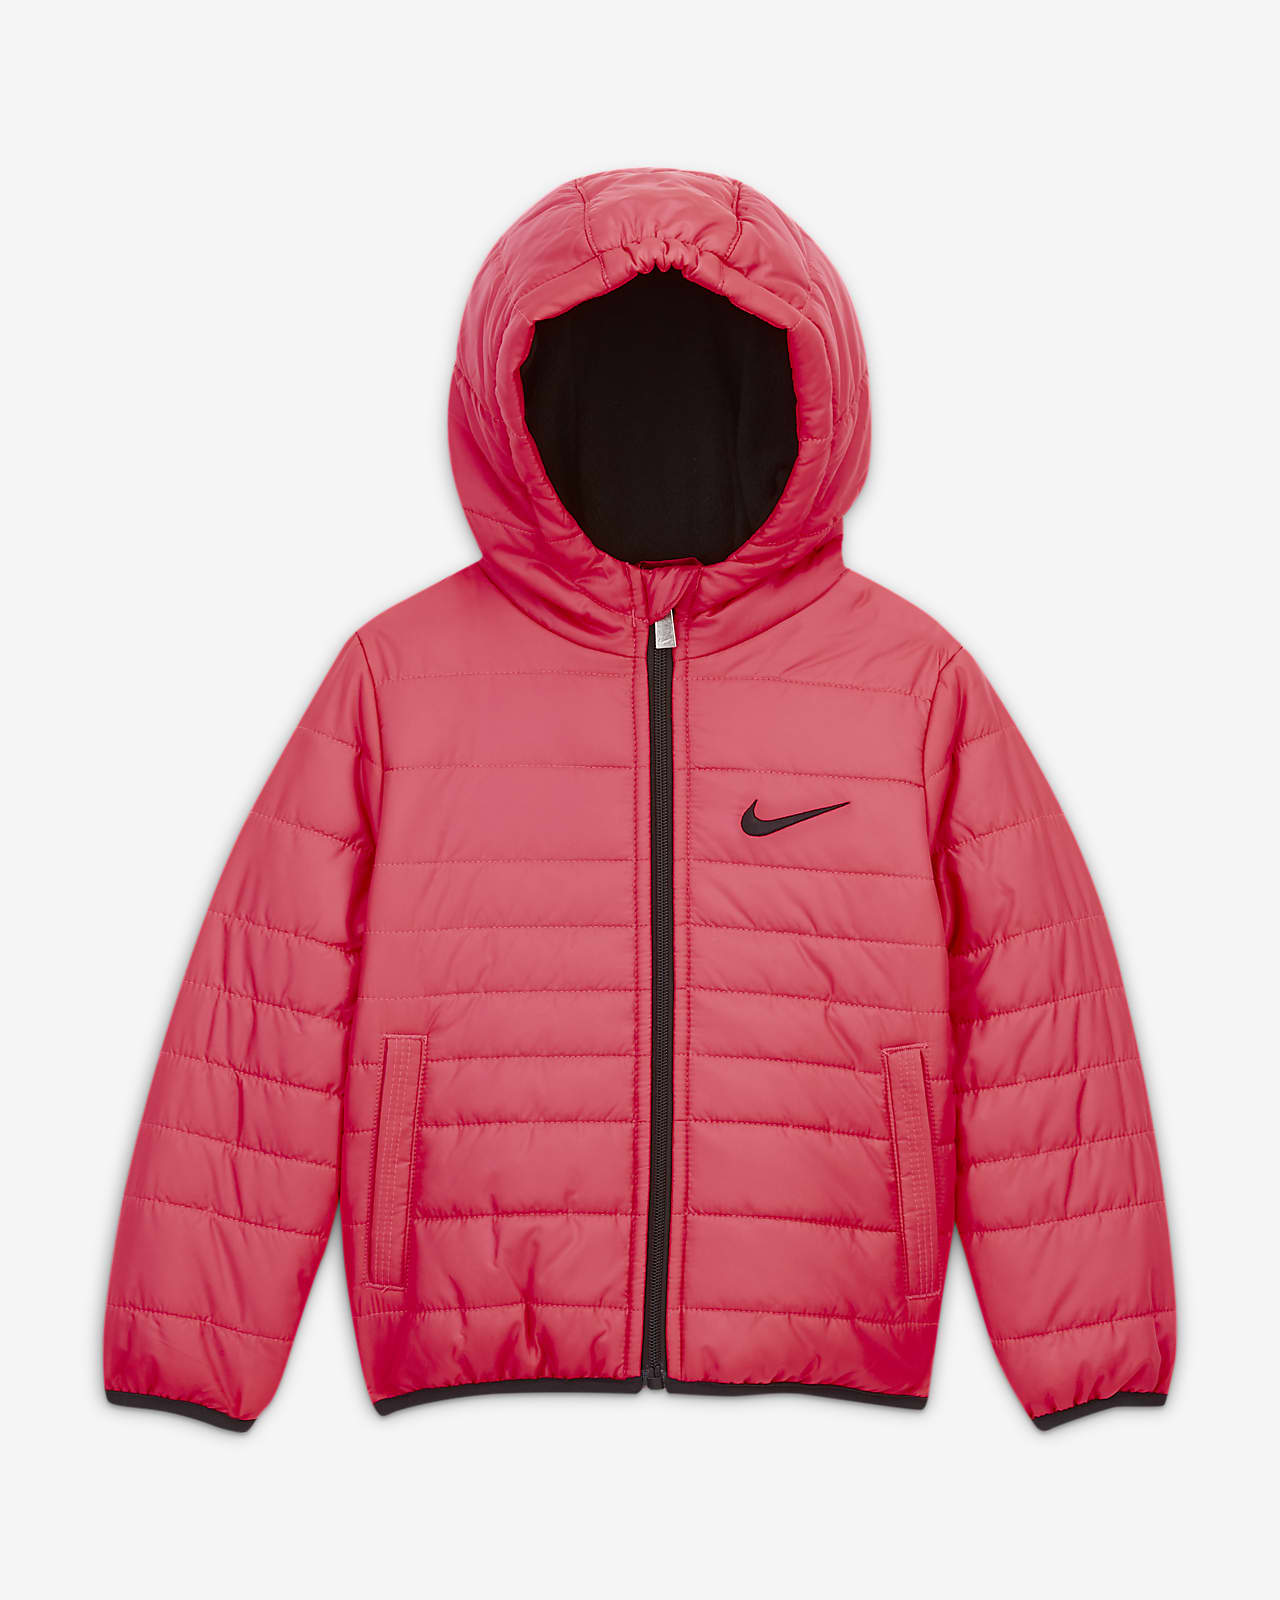 Nike Toddler Full-Zip Puffer Jacket